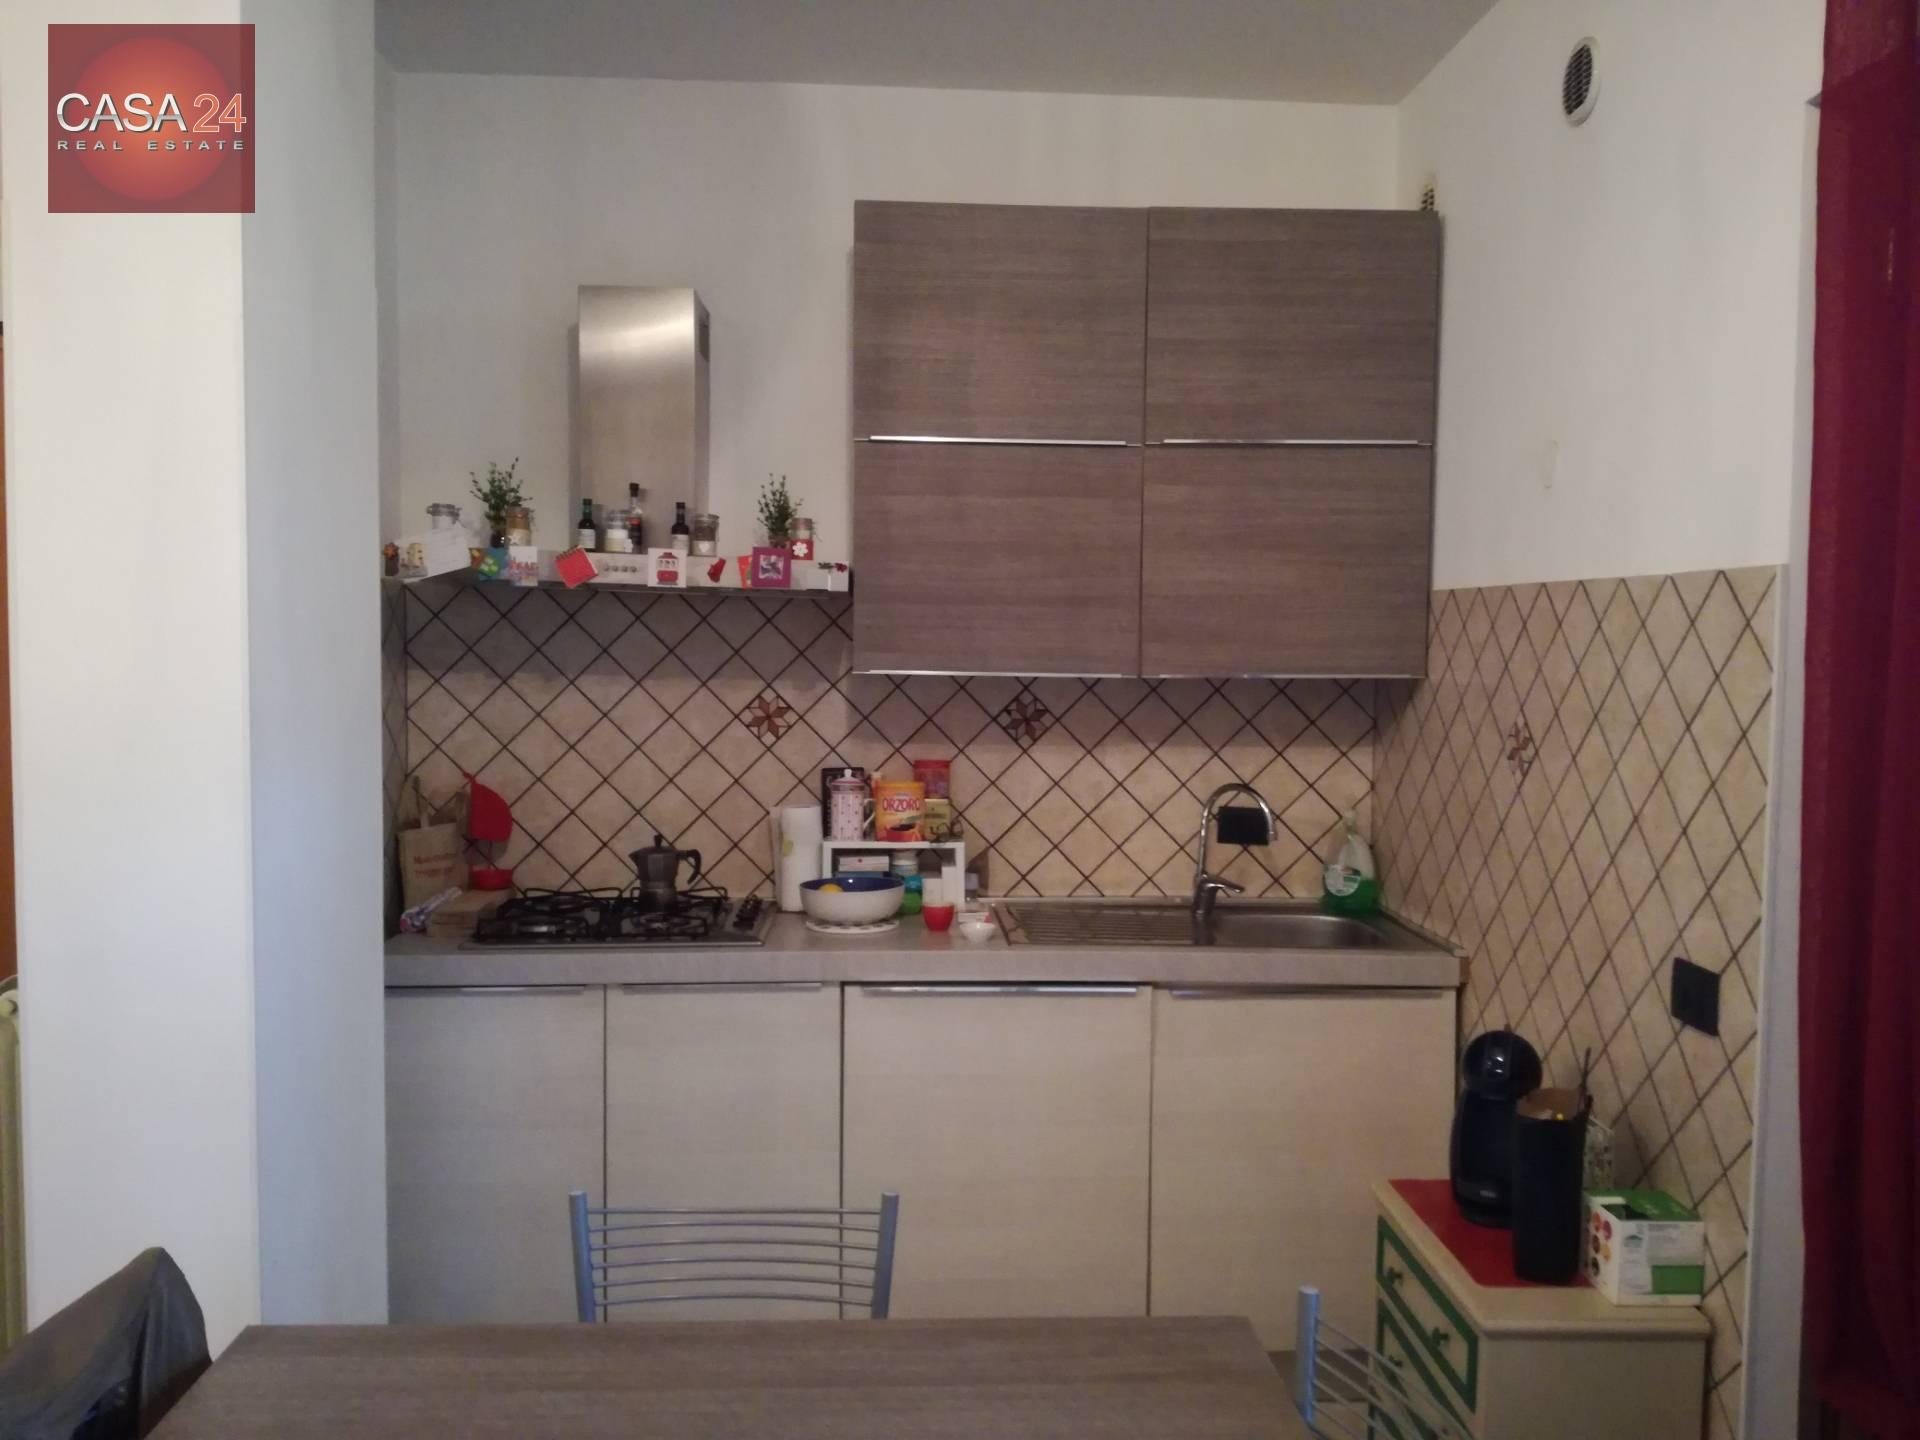 Appartamento in affitto a Latina, 2 locali, zona Località: Q2ZonaCentroAgora, prezzo € 480 | CambioCasa.it